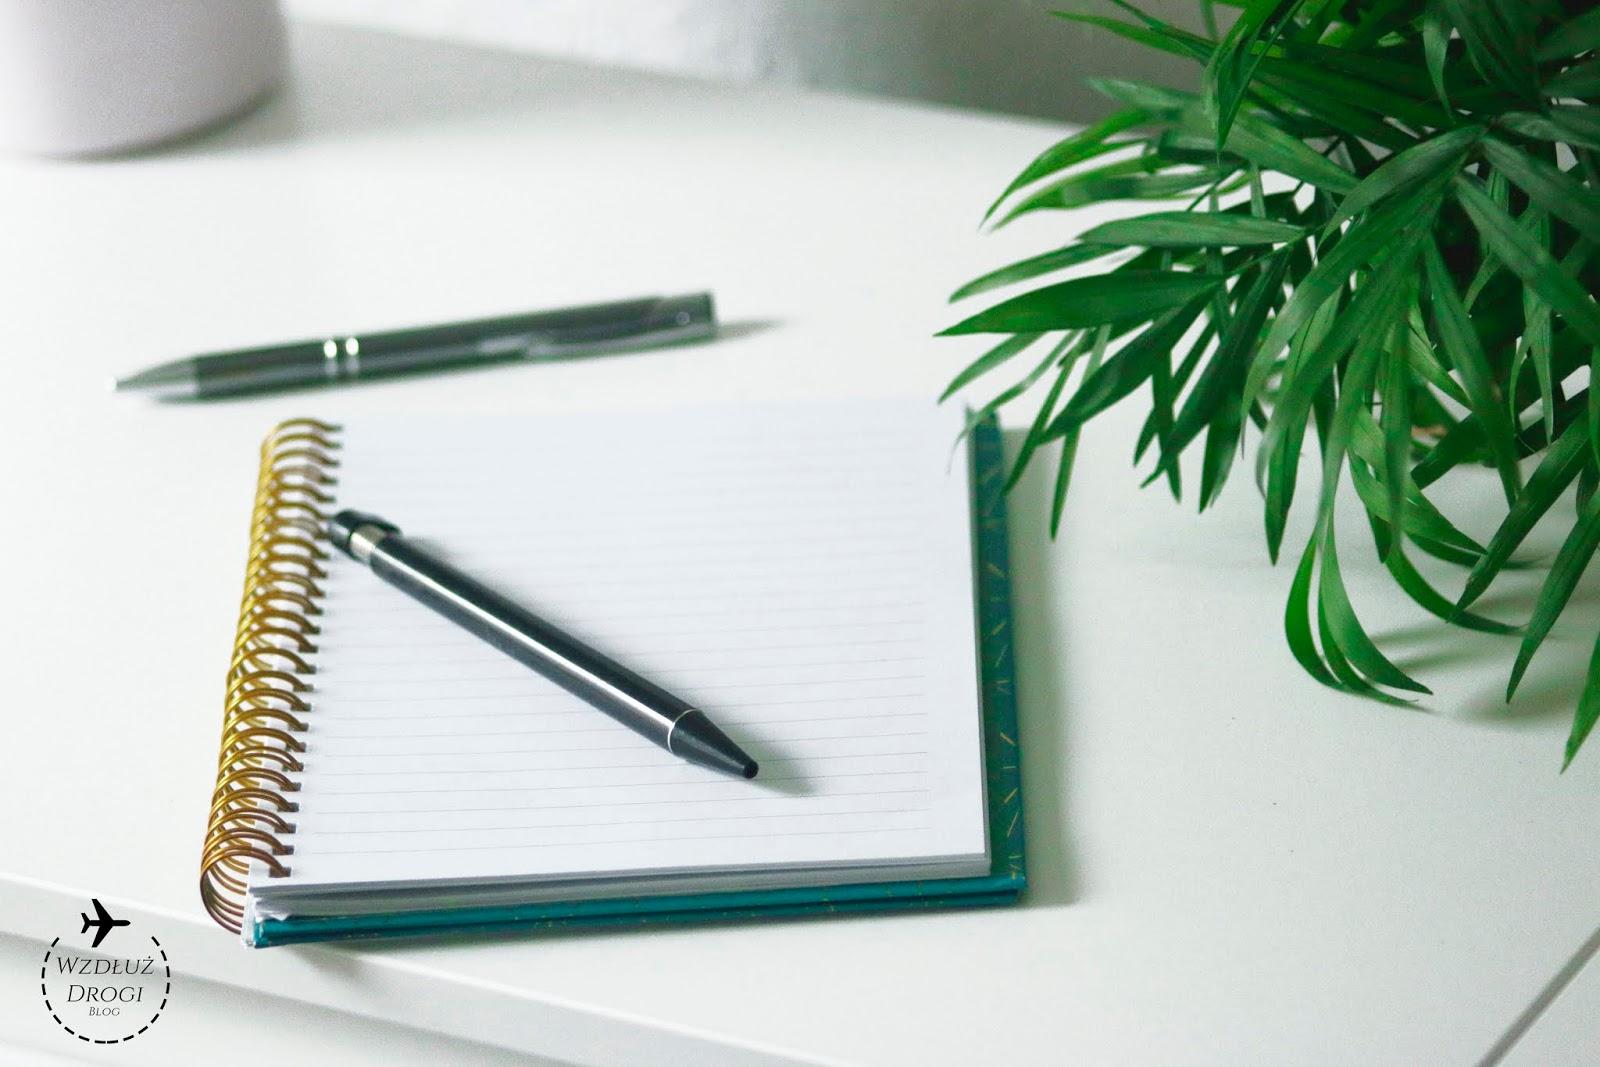 przeprowadzka, checklist, zeszyt, długopis